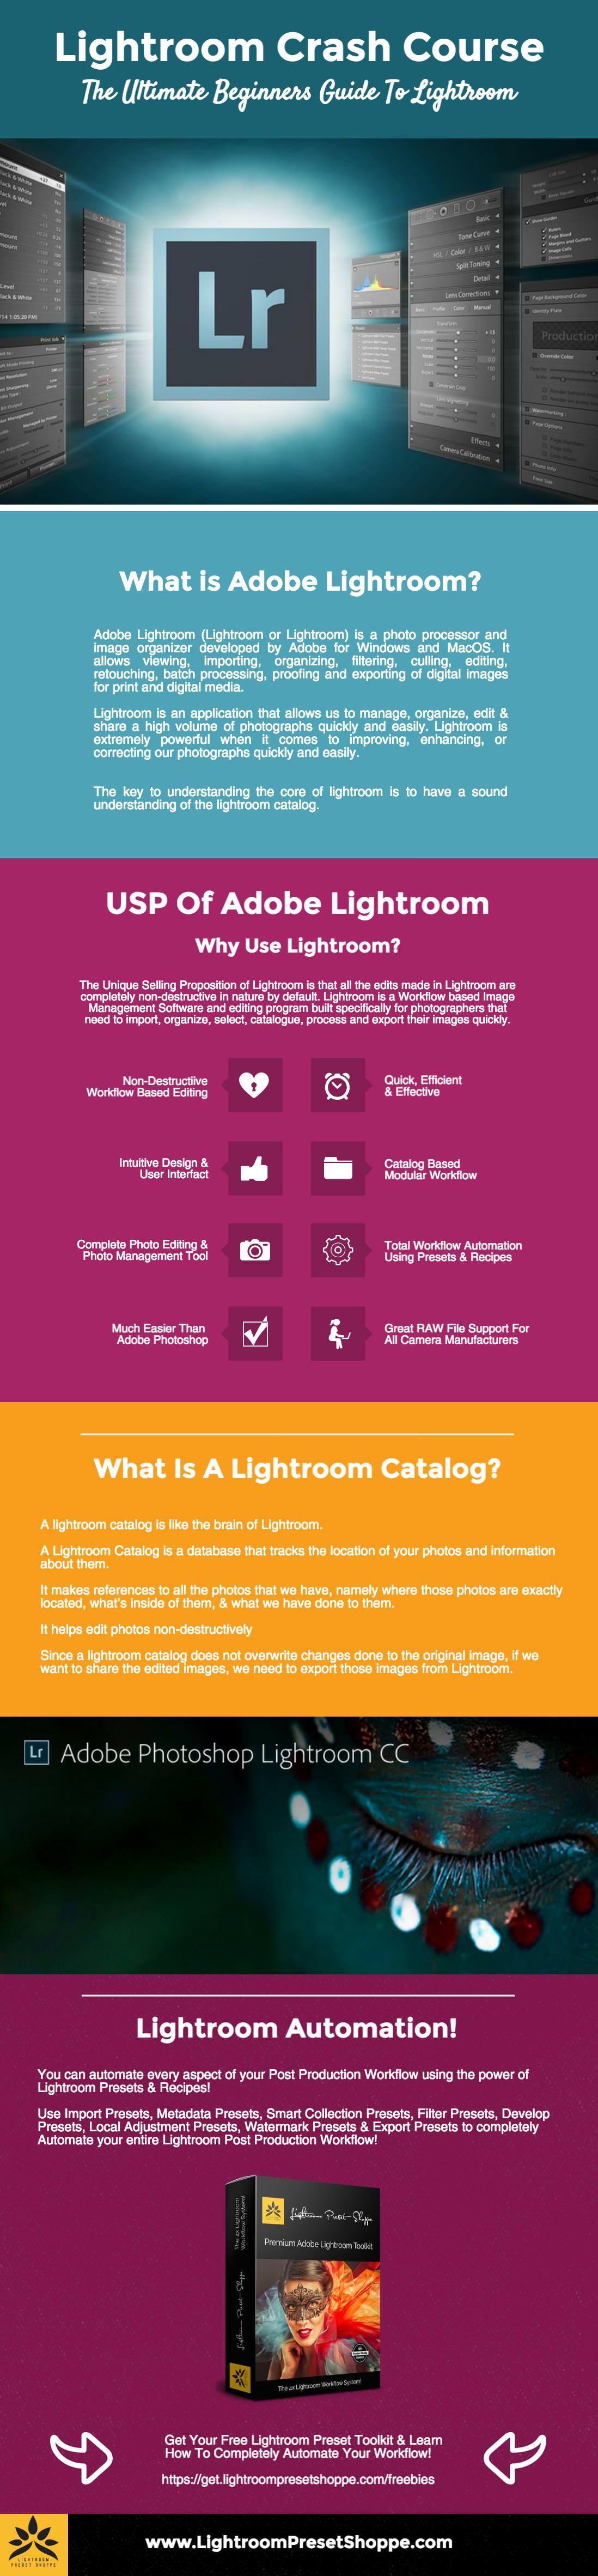 Lightroom 6 crashes on startup